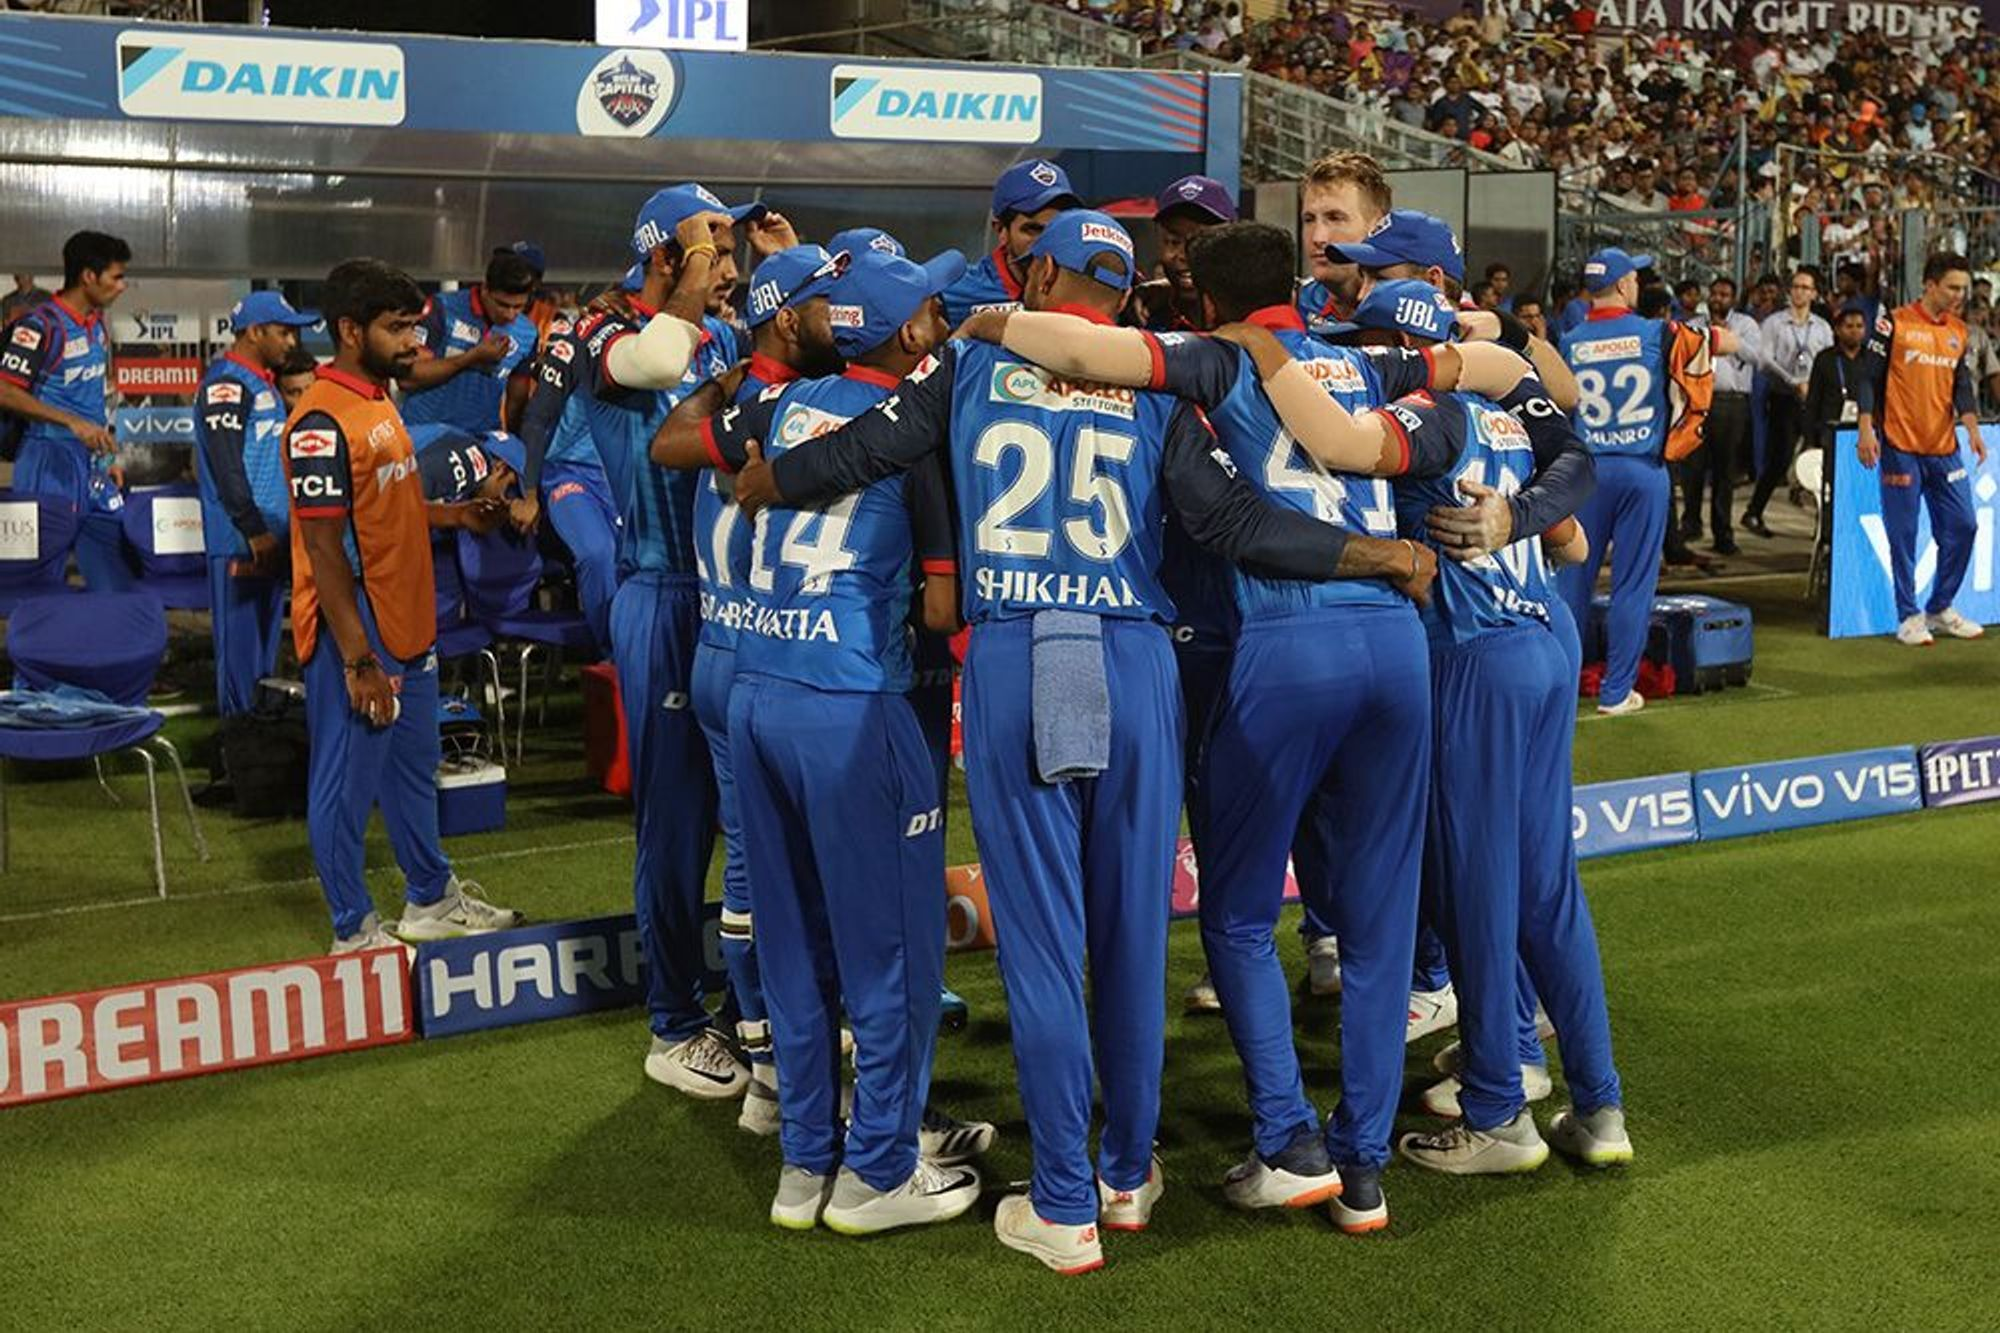 DDvsRCB: दिल्ली से मिली पिछली हार का बदला लेने के लिए मैदान पर उतरेगी विराट एंड कंपनी, दोनों टीमों के यह 11 खिलाड़ी बना सकते हैं अंतिम एकदाश में अपना स्थान 1